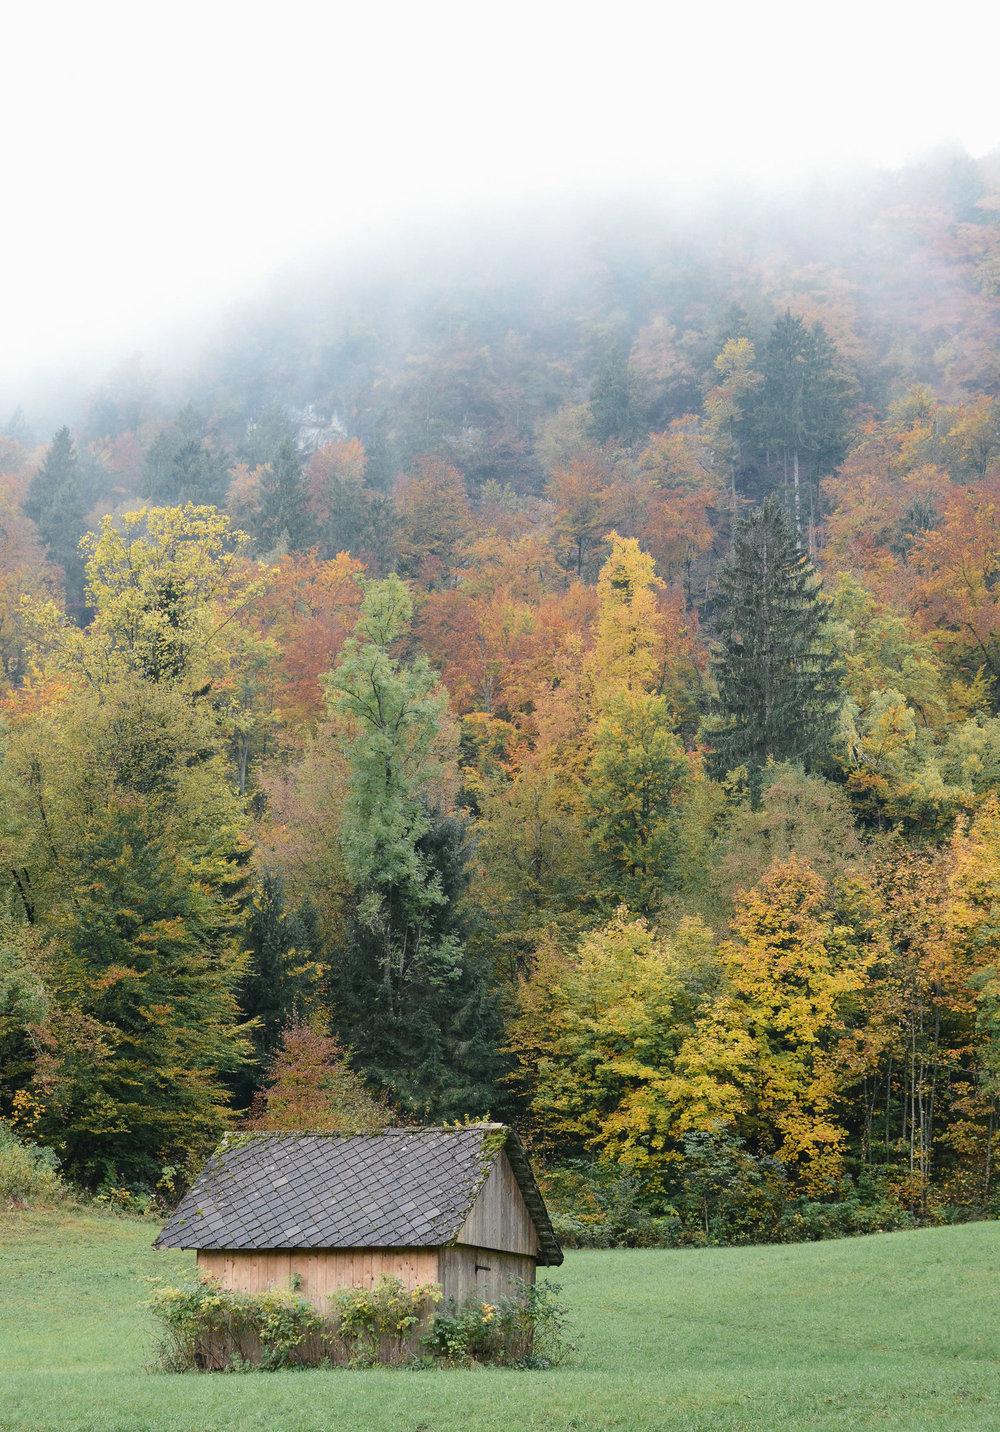 lake-bled-slovenia-travel-guide-lifeonpine_DSC_1411.jpg